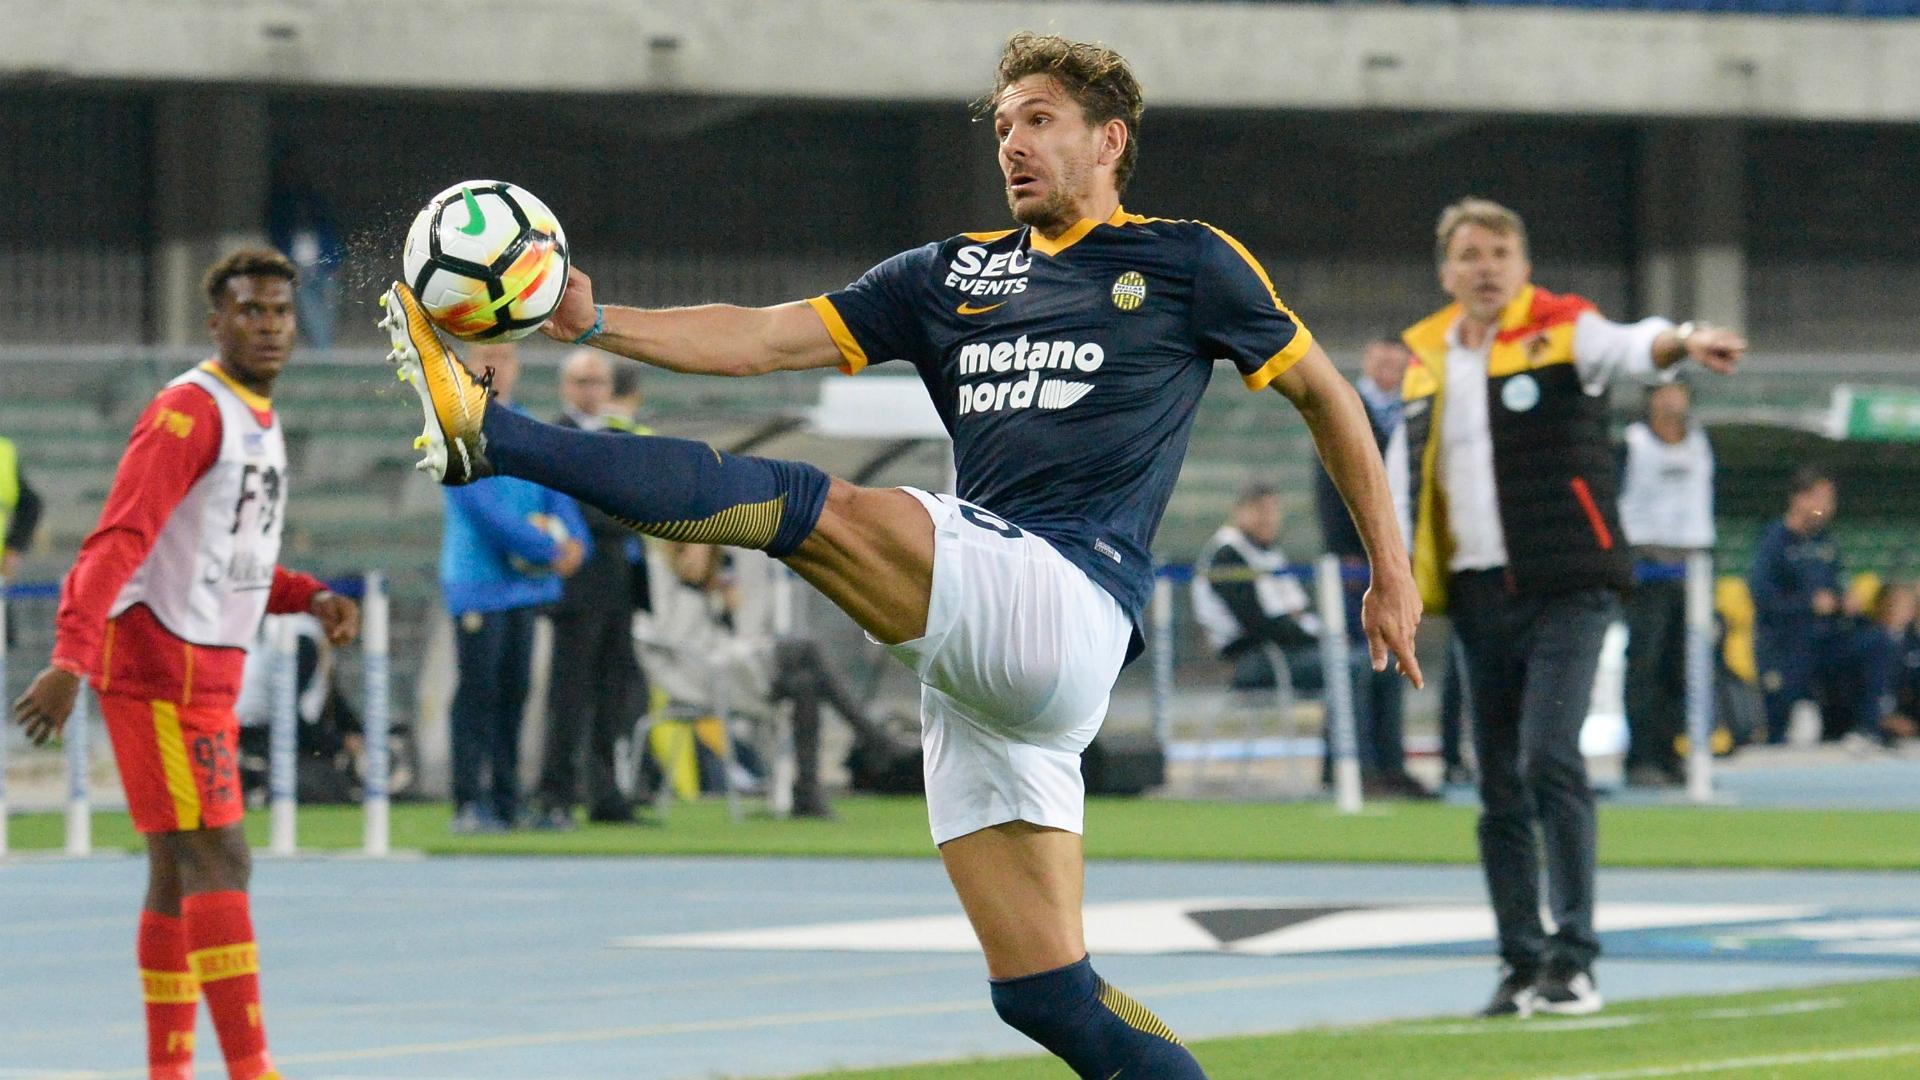 Coppa Italia: Roma-Torino, le ultime sulle probabili formazioni